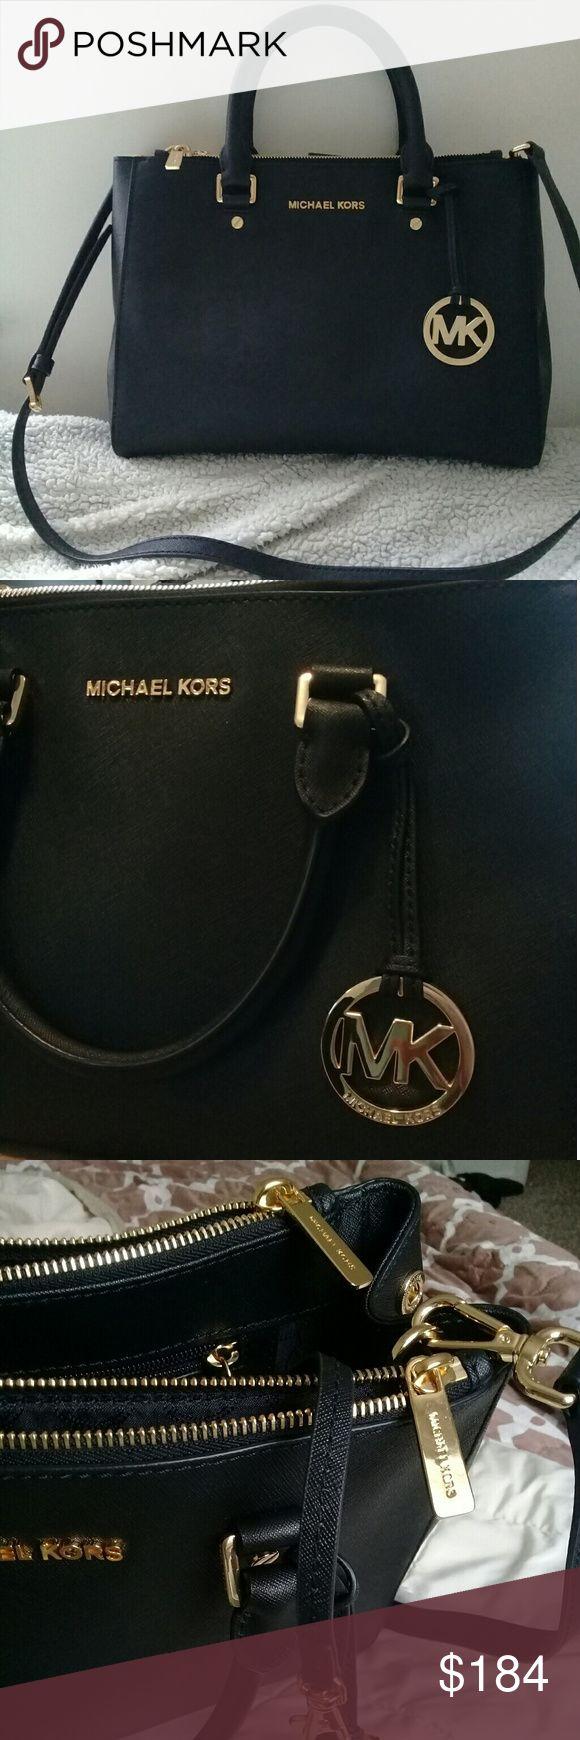 New Michael Kors Black Leather Purse nwot, leather, expandable, plenty of storage compartments, shoulder strap. MICHAEL Michael Kors Bags